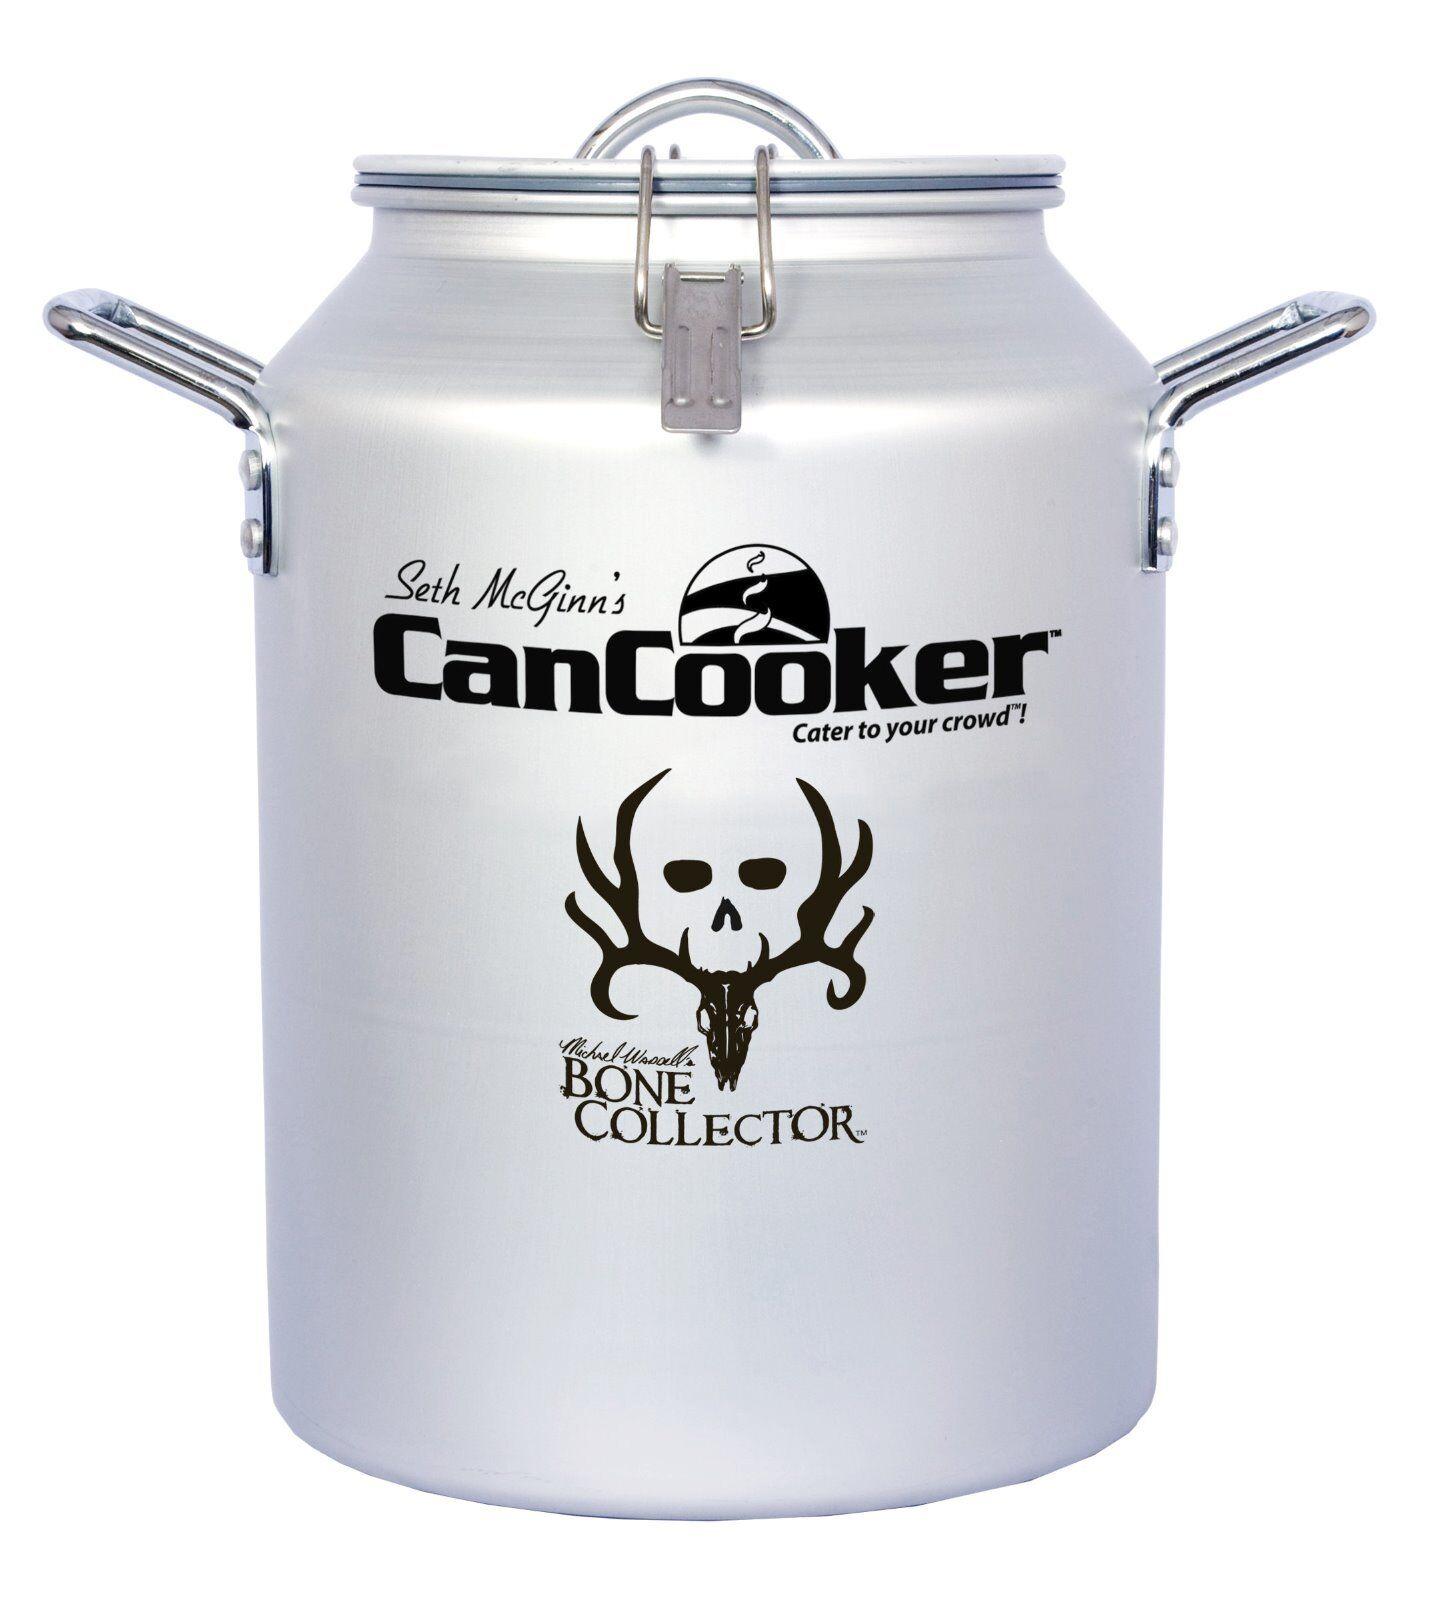 CanCooker - The Bone Collector CanCooker - 4 Gallon -